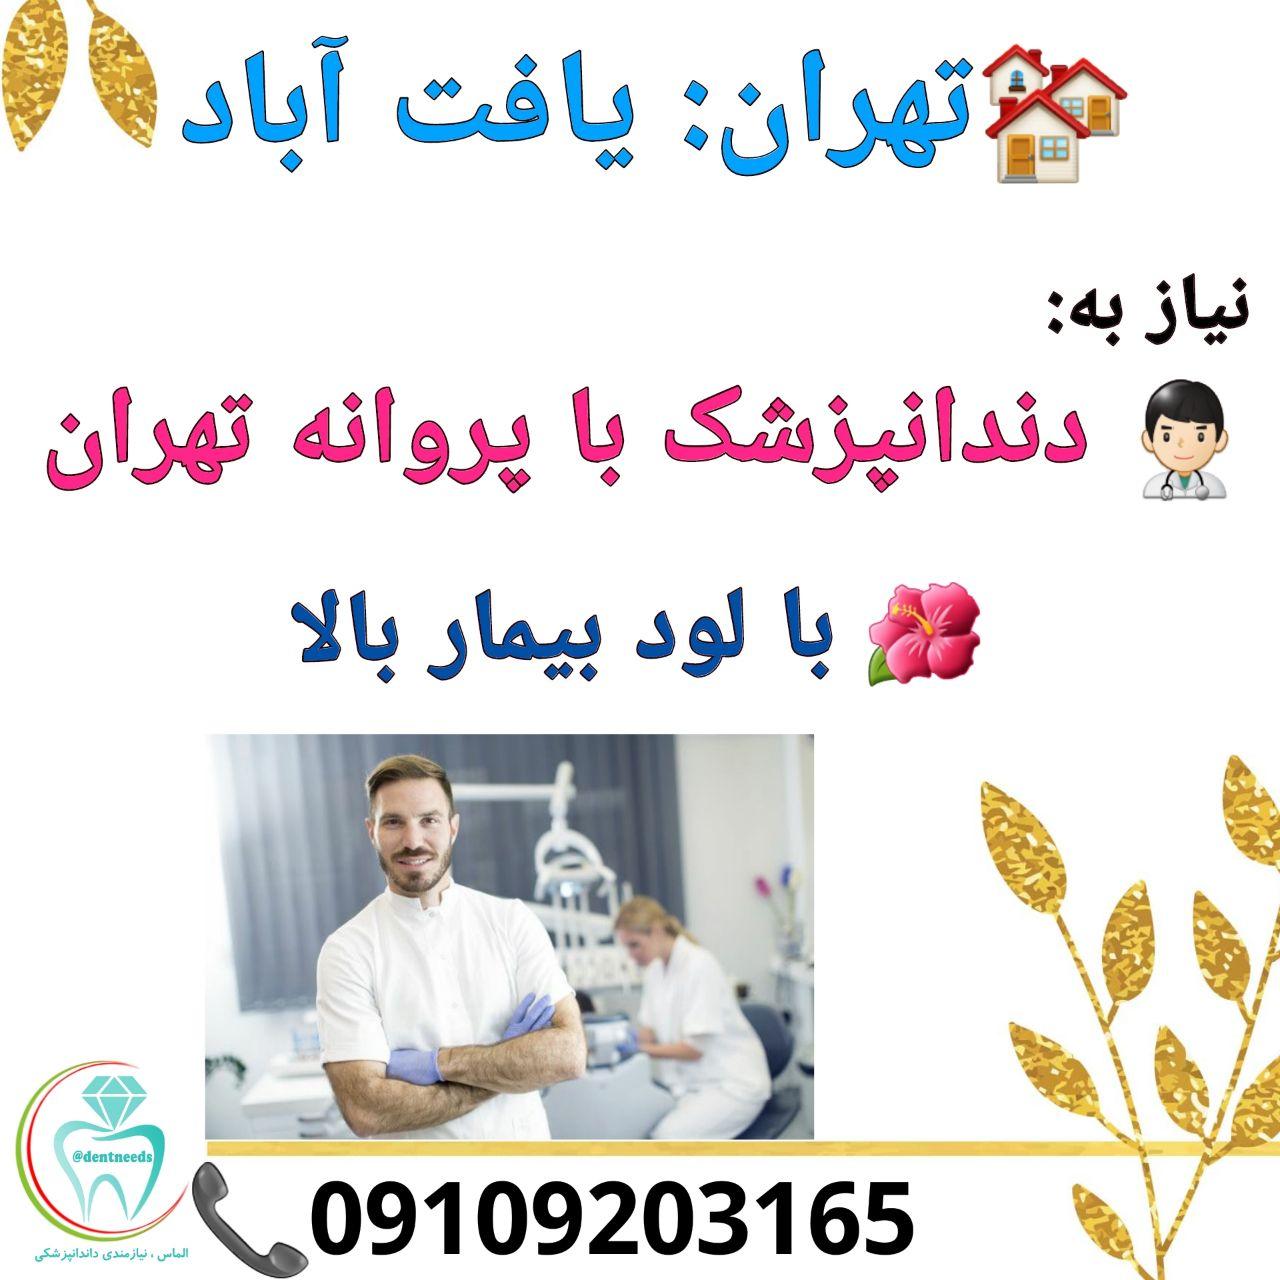 ، نیاز به دندانپزشک با پروانه تهران هران: یافت آباد